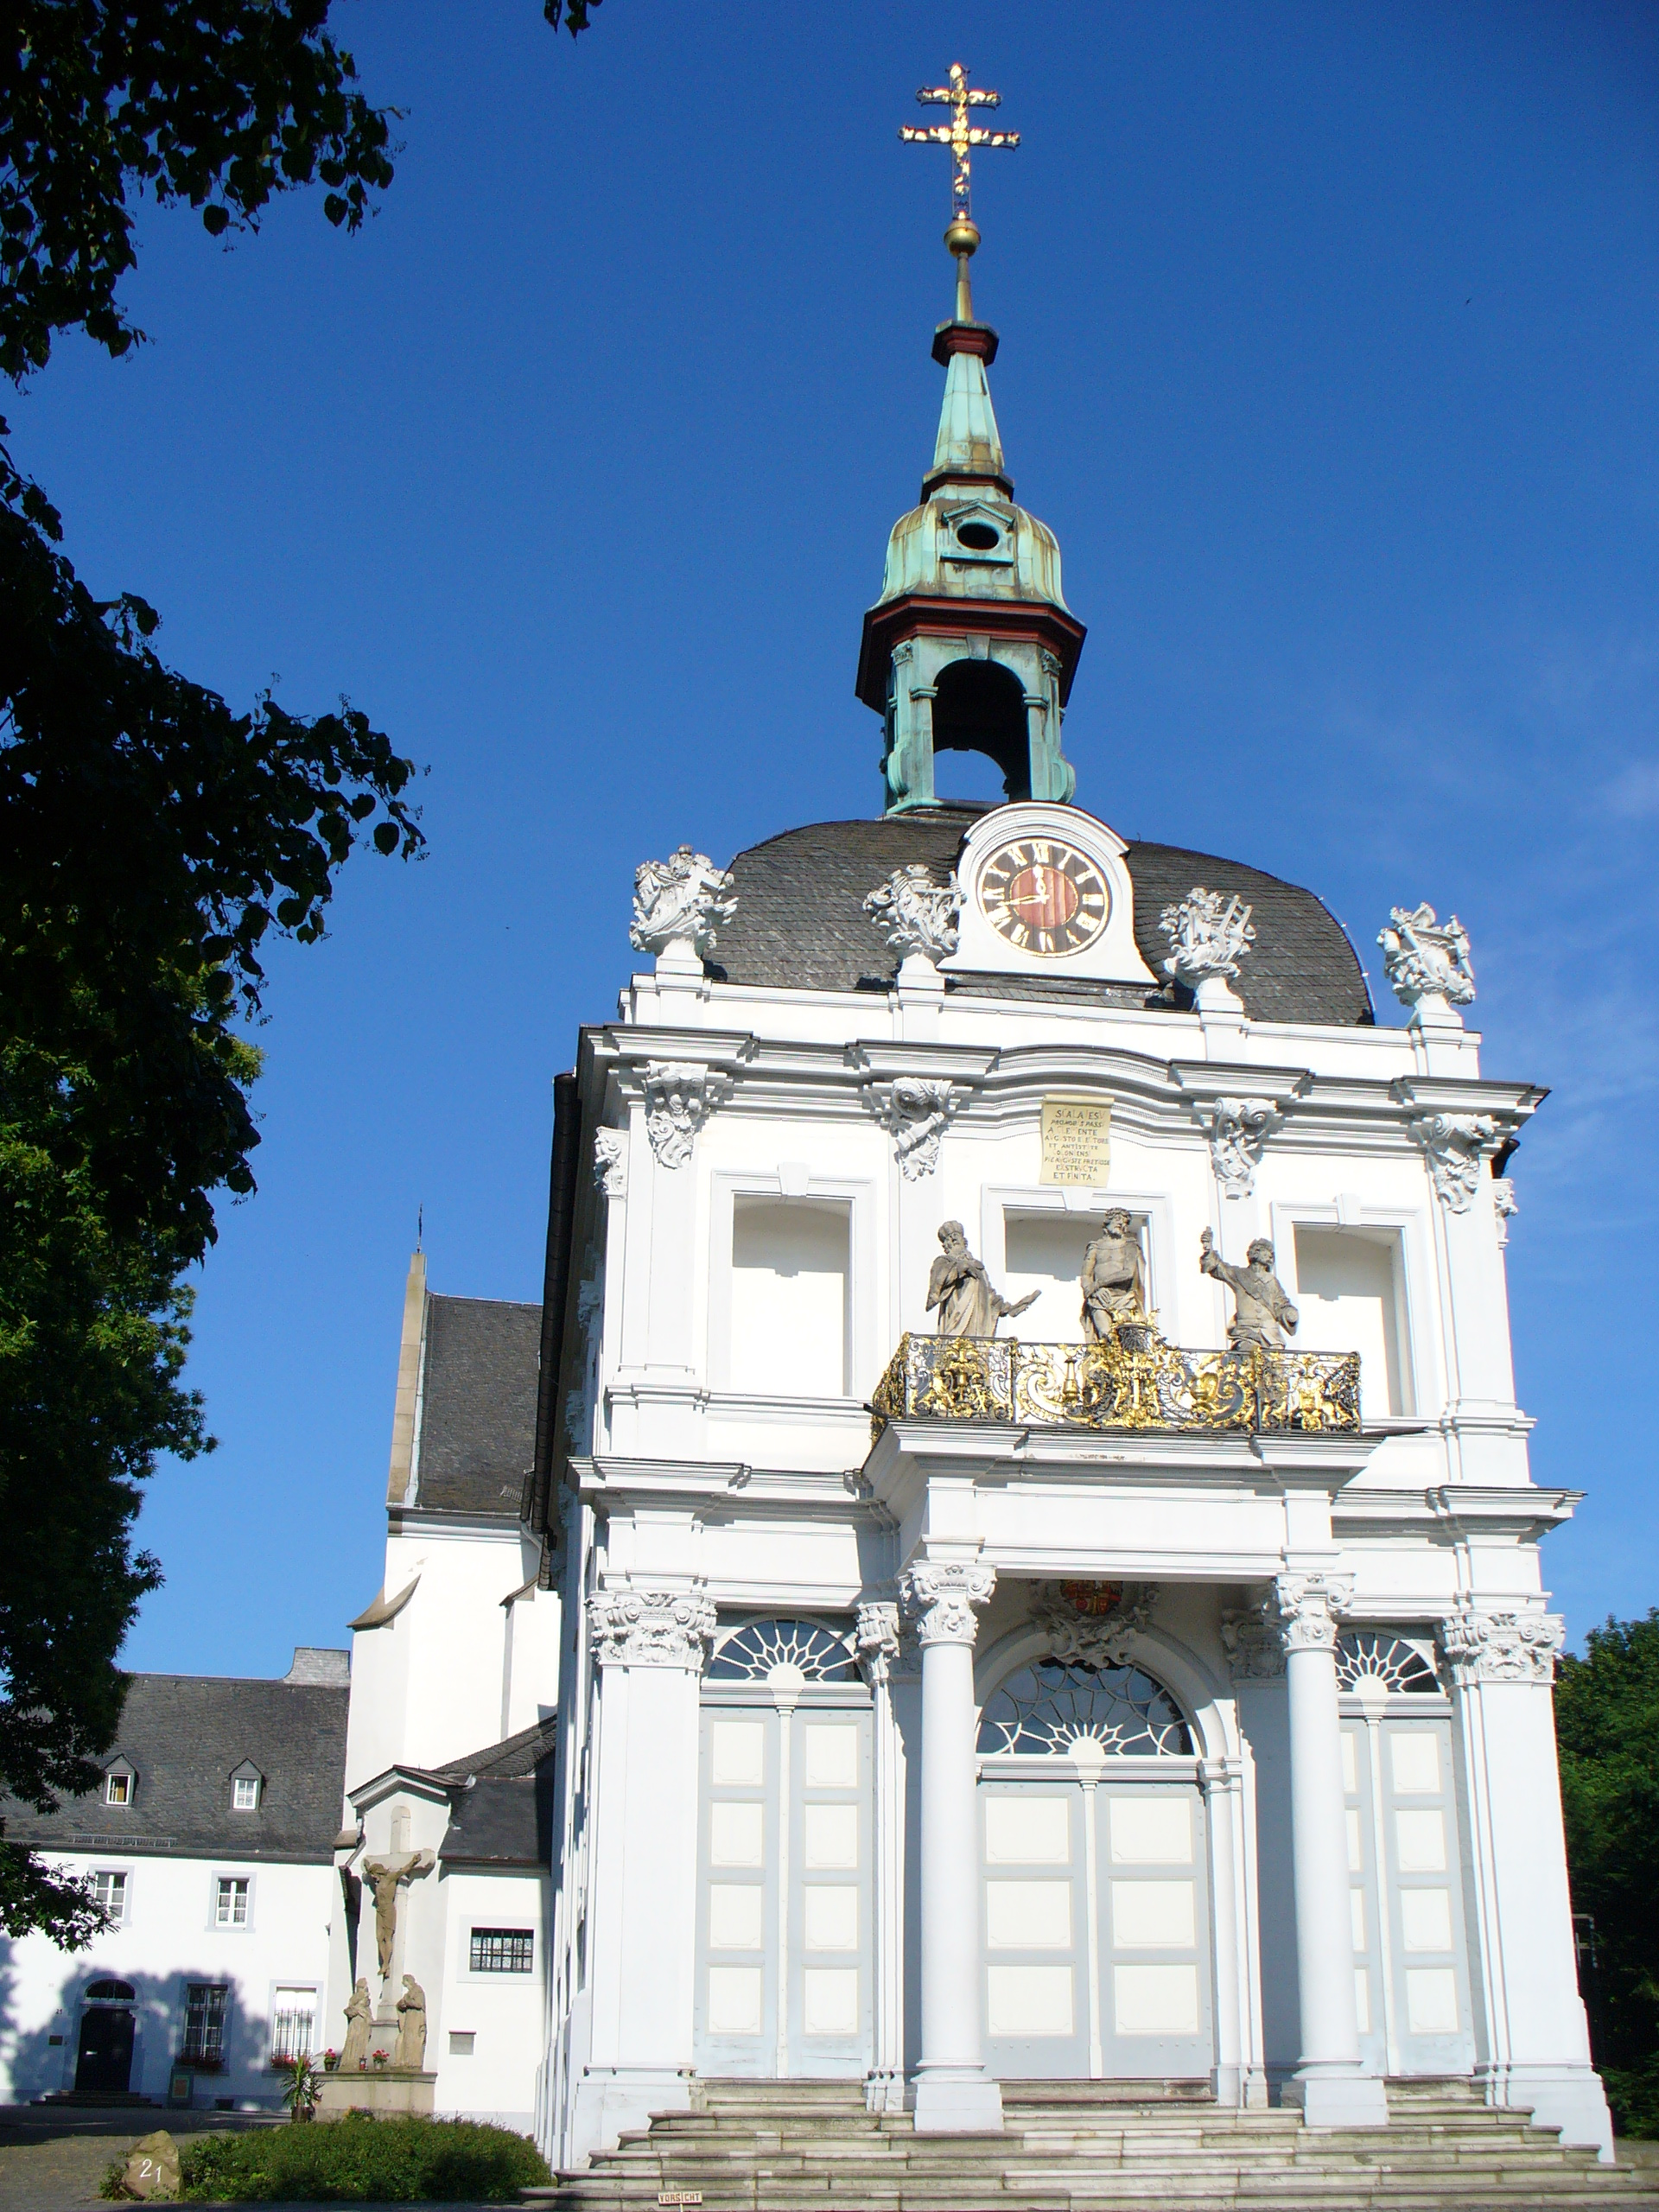 Wallfahrtskirche – Wikipedia